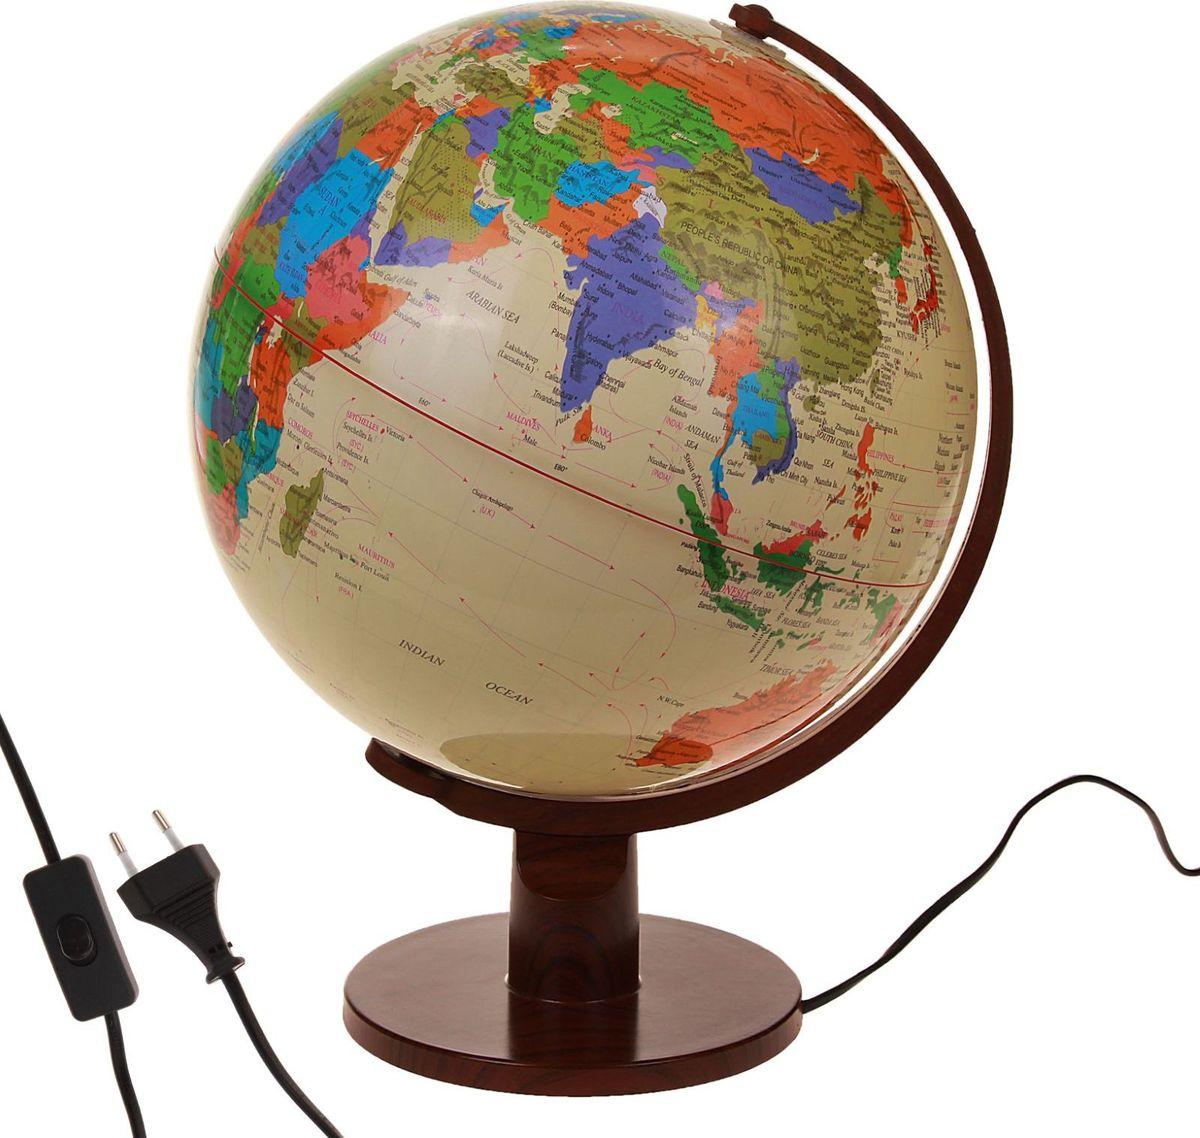 Глобус Политическая карта на английском языке диаметр 32 см186792Данная модель дает представление о политическом устройстве мира. Макет показывает расположение государств, столиц и крупных населенных пунктов. Названия всех объектов приведены на английском языке. Страны окрашены в разные цвета, чтобы вам было удобнее ориентироваться. На глобусе также отображены: экватор параллели меридианы градусы государственные границы демаркационные линии.Используйте изделие как ночник. Он оснащен мягкой, приглушенной LED-подсветкой. Характеристики Высота глобуса с подставкой: 45 см. Диаметр: 32 см. Масштаб: 1:40 000 000.Изготовлен из прочного пластика.